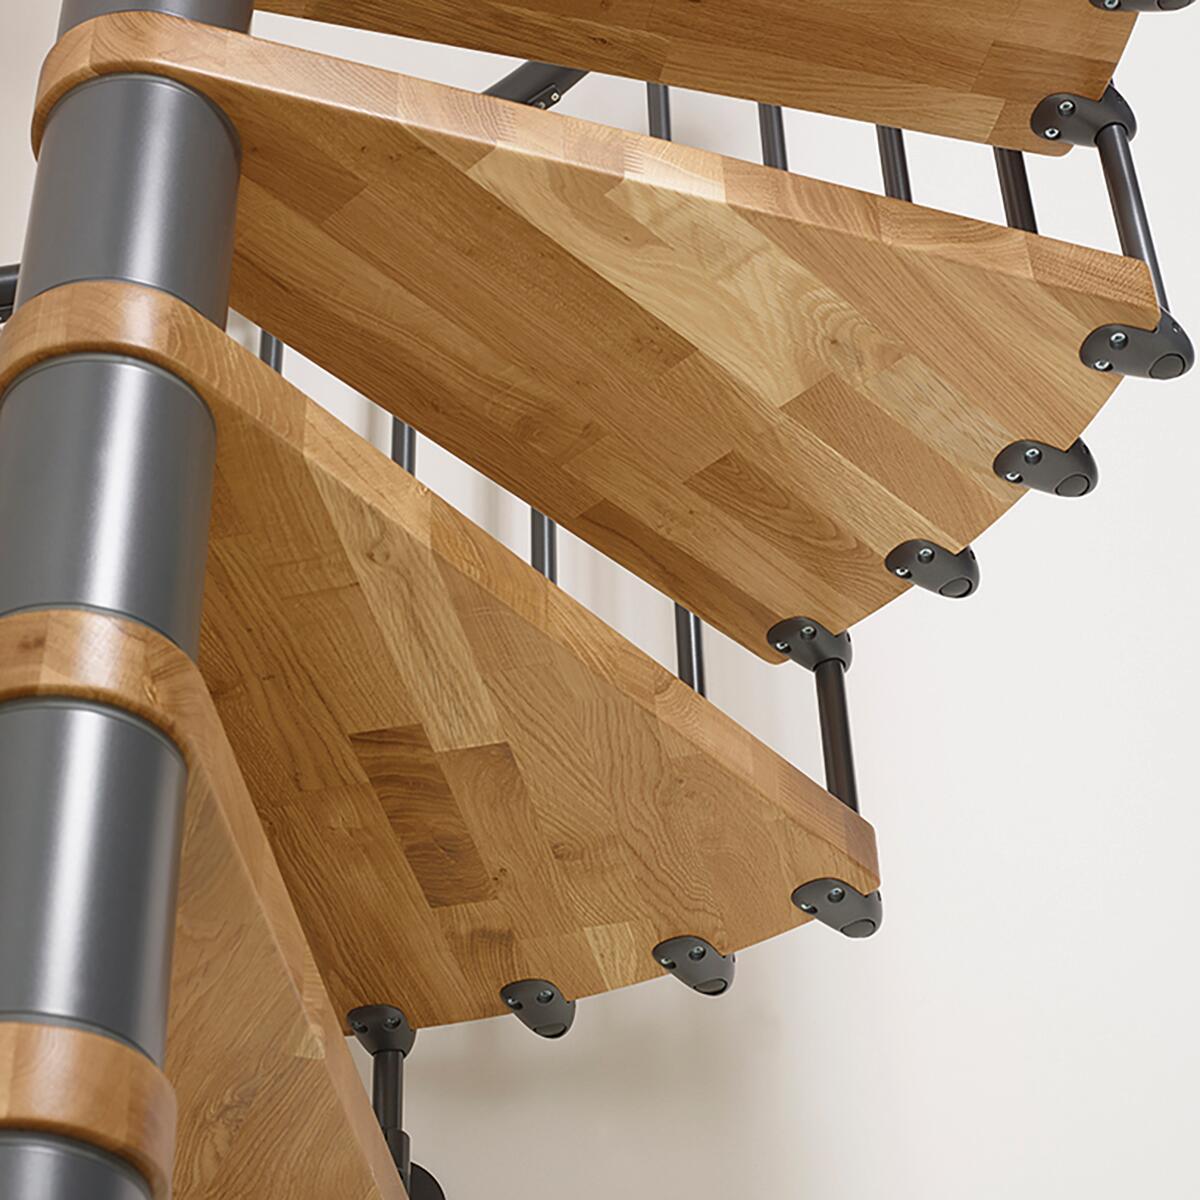 Scala a chiocciola tonda Oak FONTANOT L 130 cm, gradino naturale, struttura antracite - 3